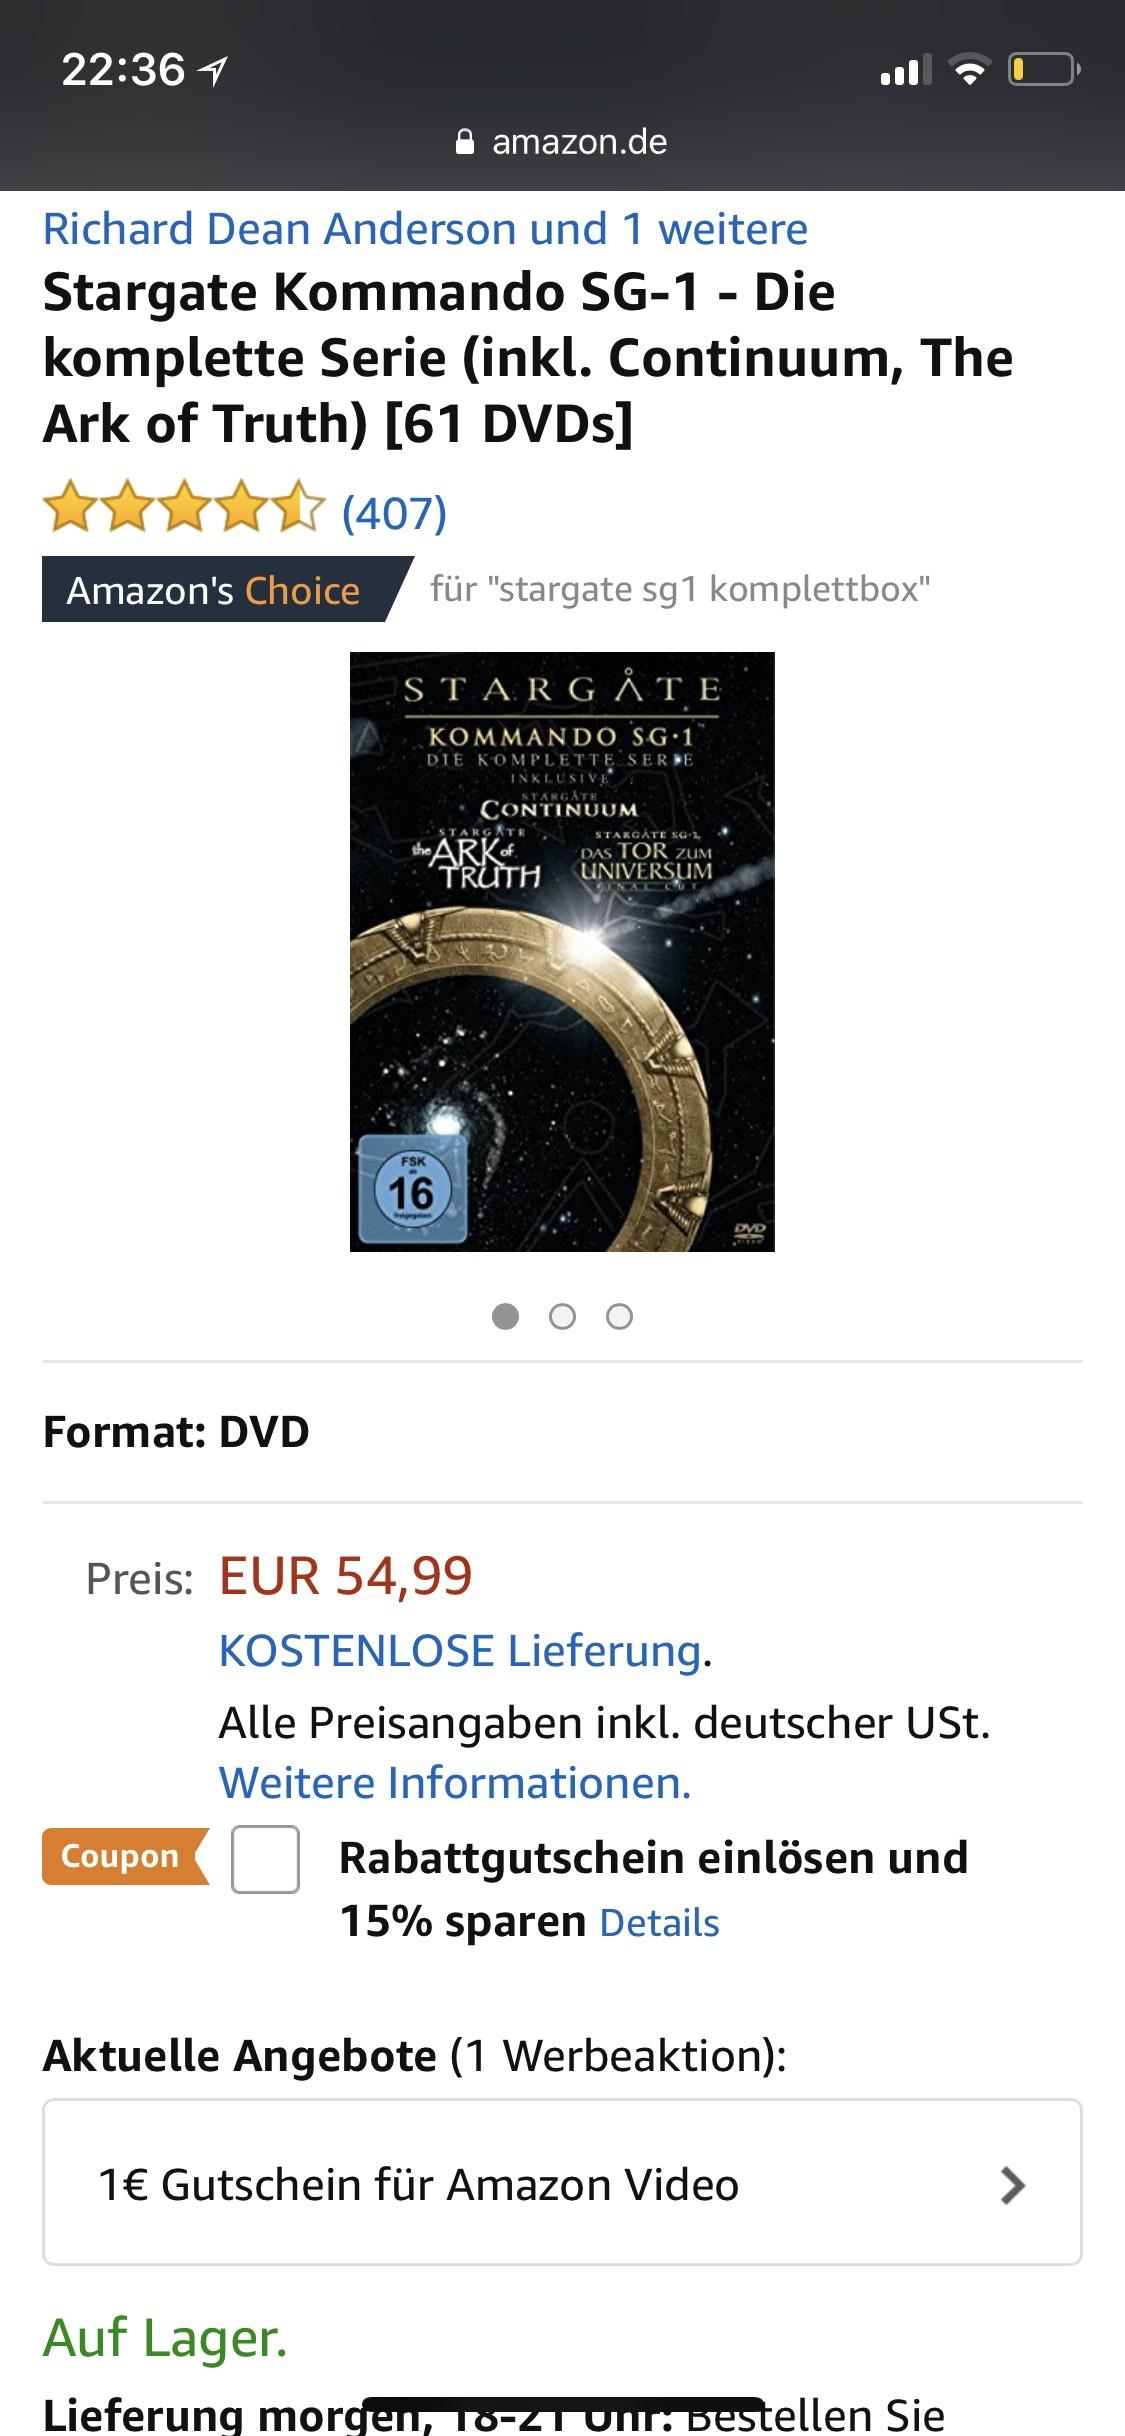 Stargate SG-1 Komplettbox